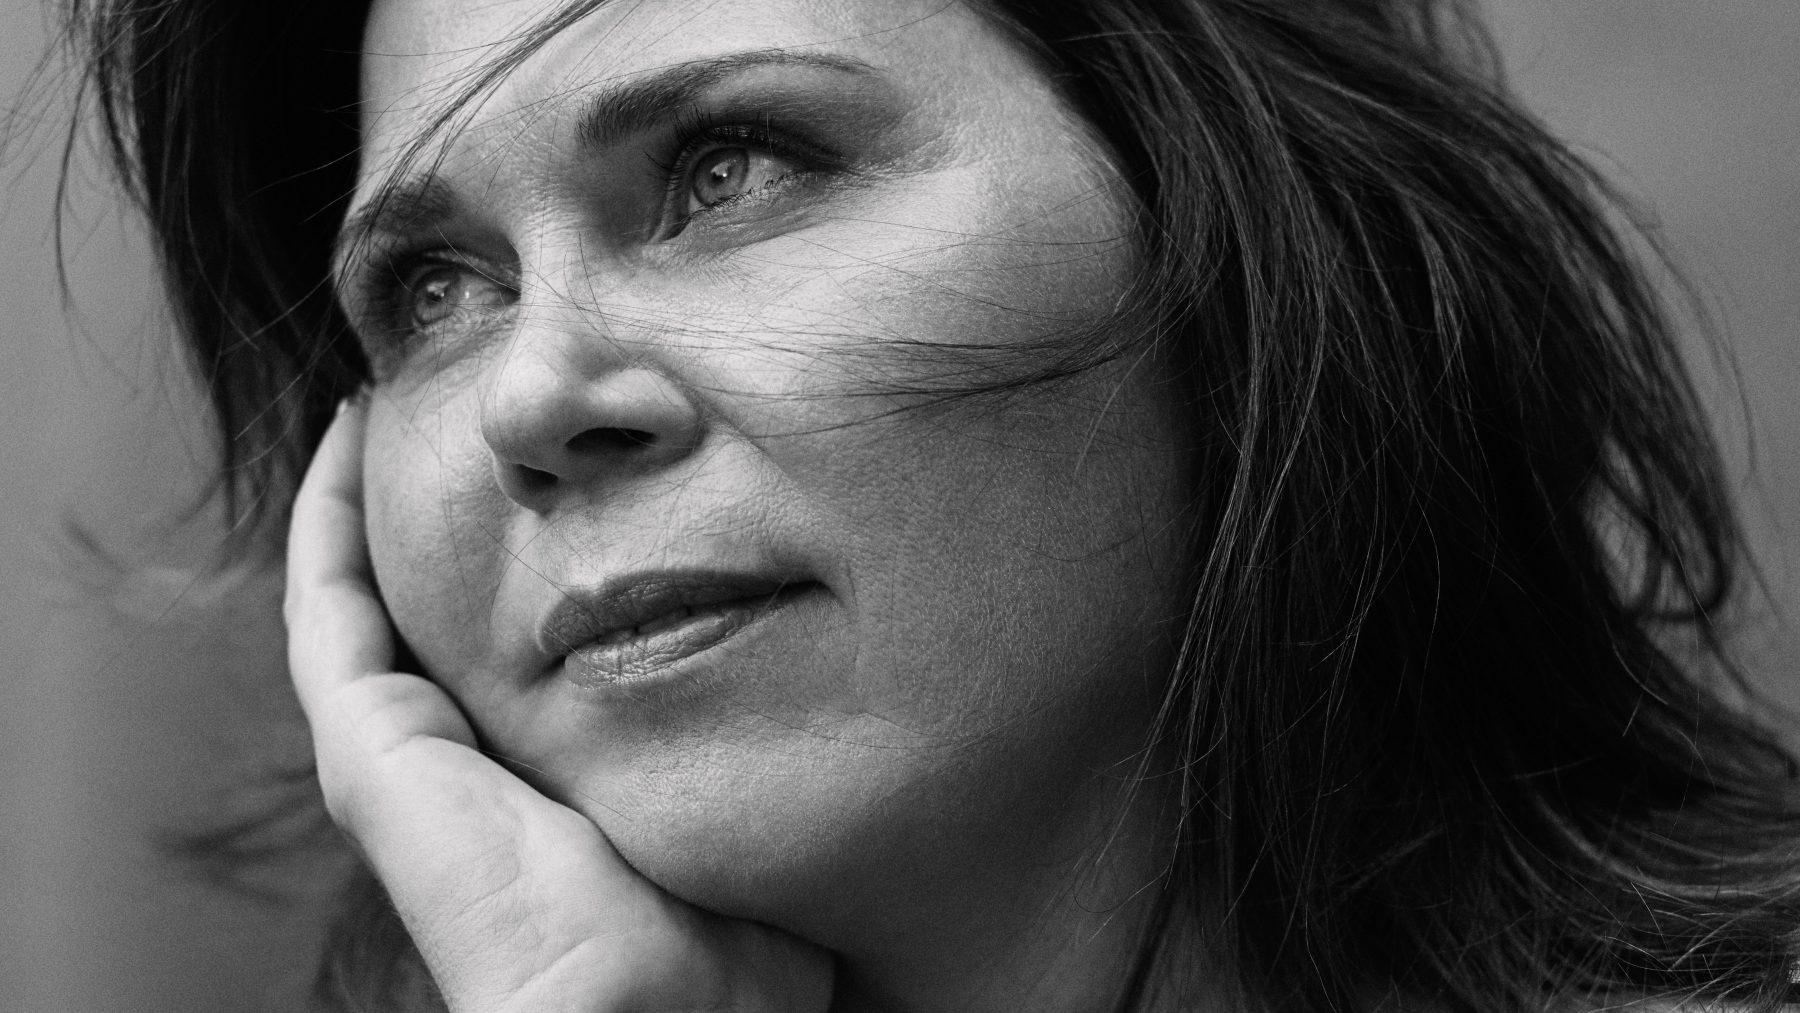 Eveline is al 7 jaar afhankelijk van oxycodon: 'Elke beweging doet pijn'